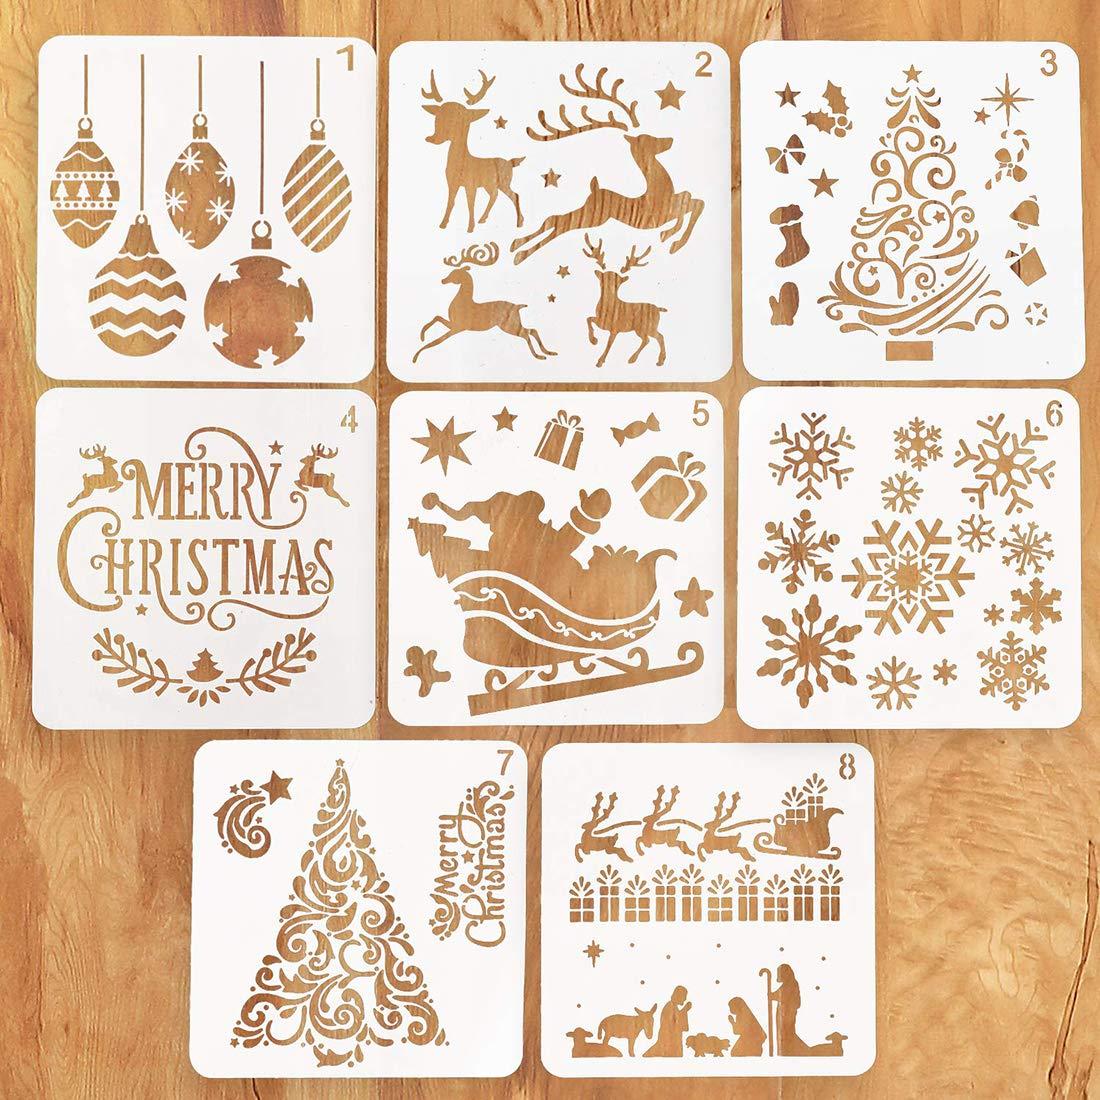 Fotoalbum weihnachtsdeko Scrapbooking Weihnachtskarten Howaf Weihnachts schablonen Set 16 St/ück Kunststoff Zeichnung Malerei Schablone f/ür Bullet Journal K/örpermalfarben